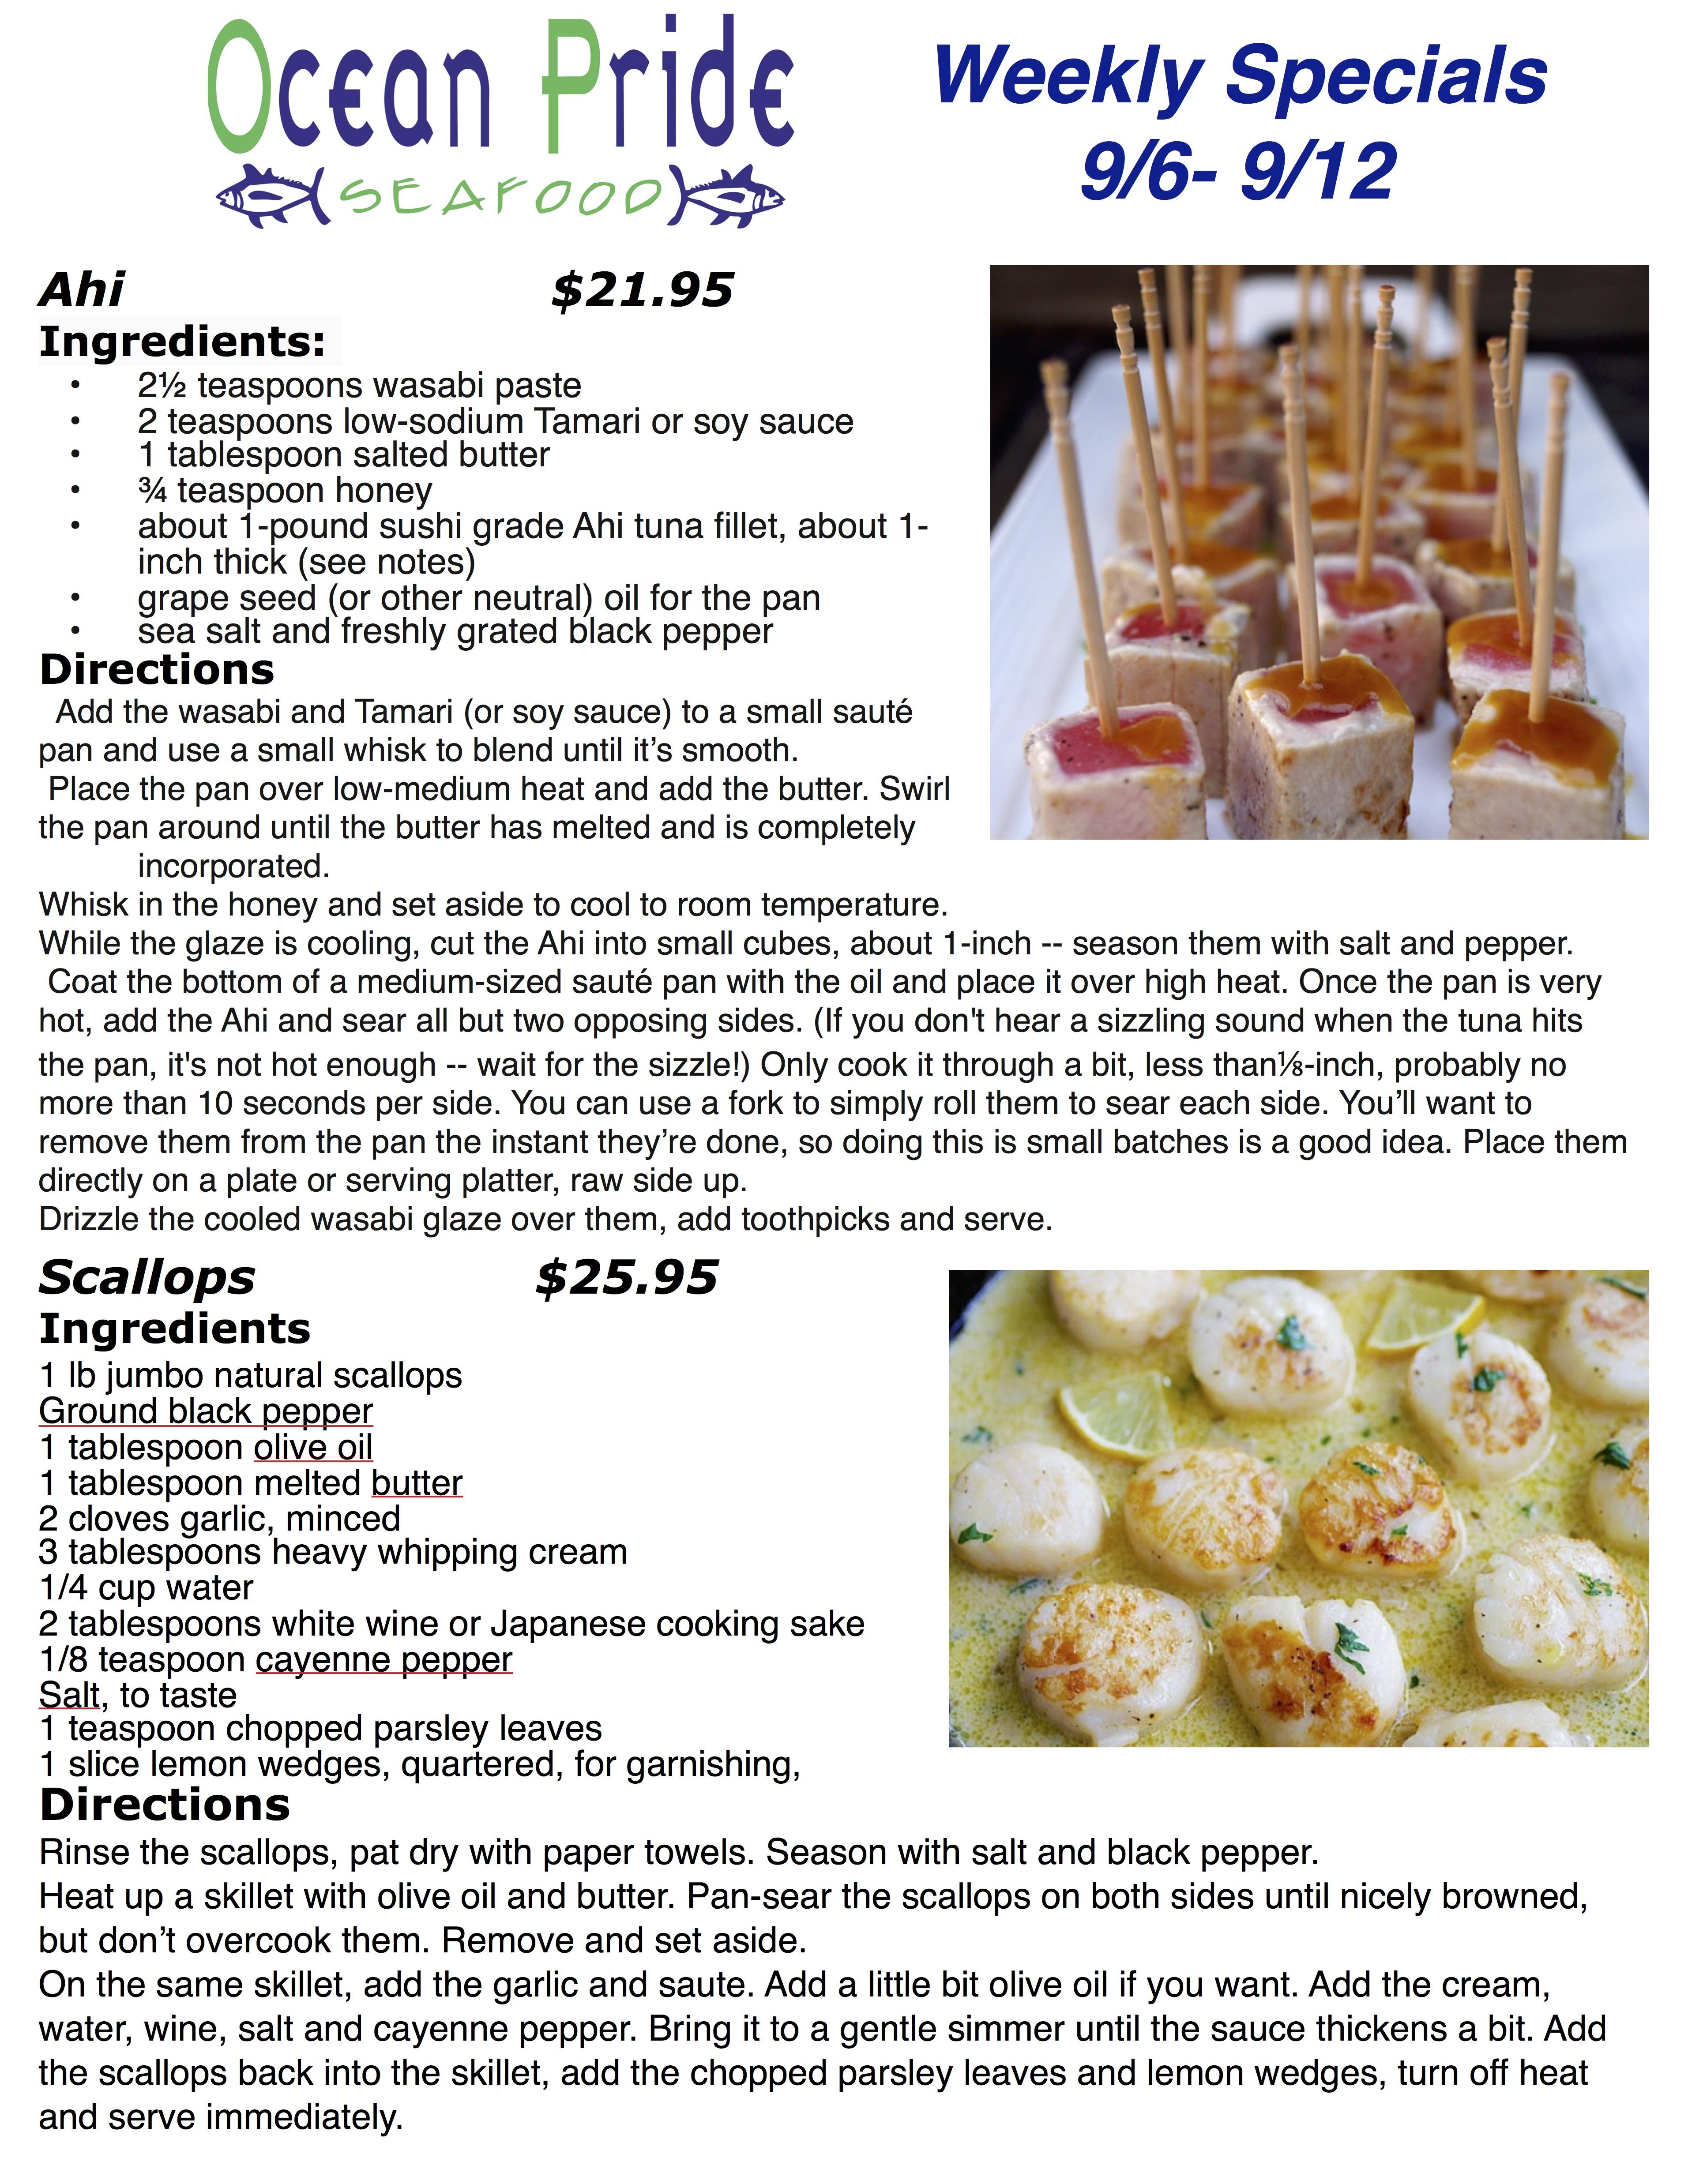 Ocean Pride Seafood Specials 9.6 - 9.12